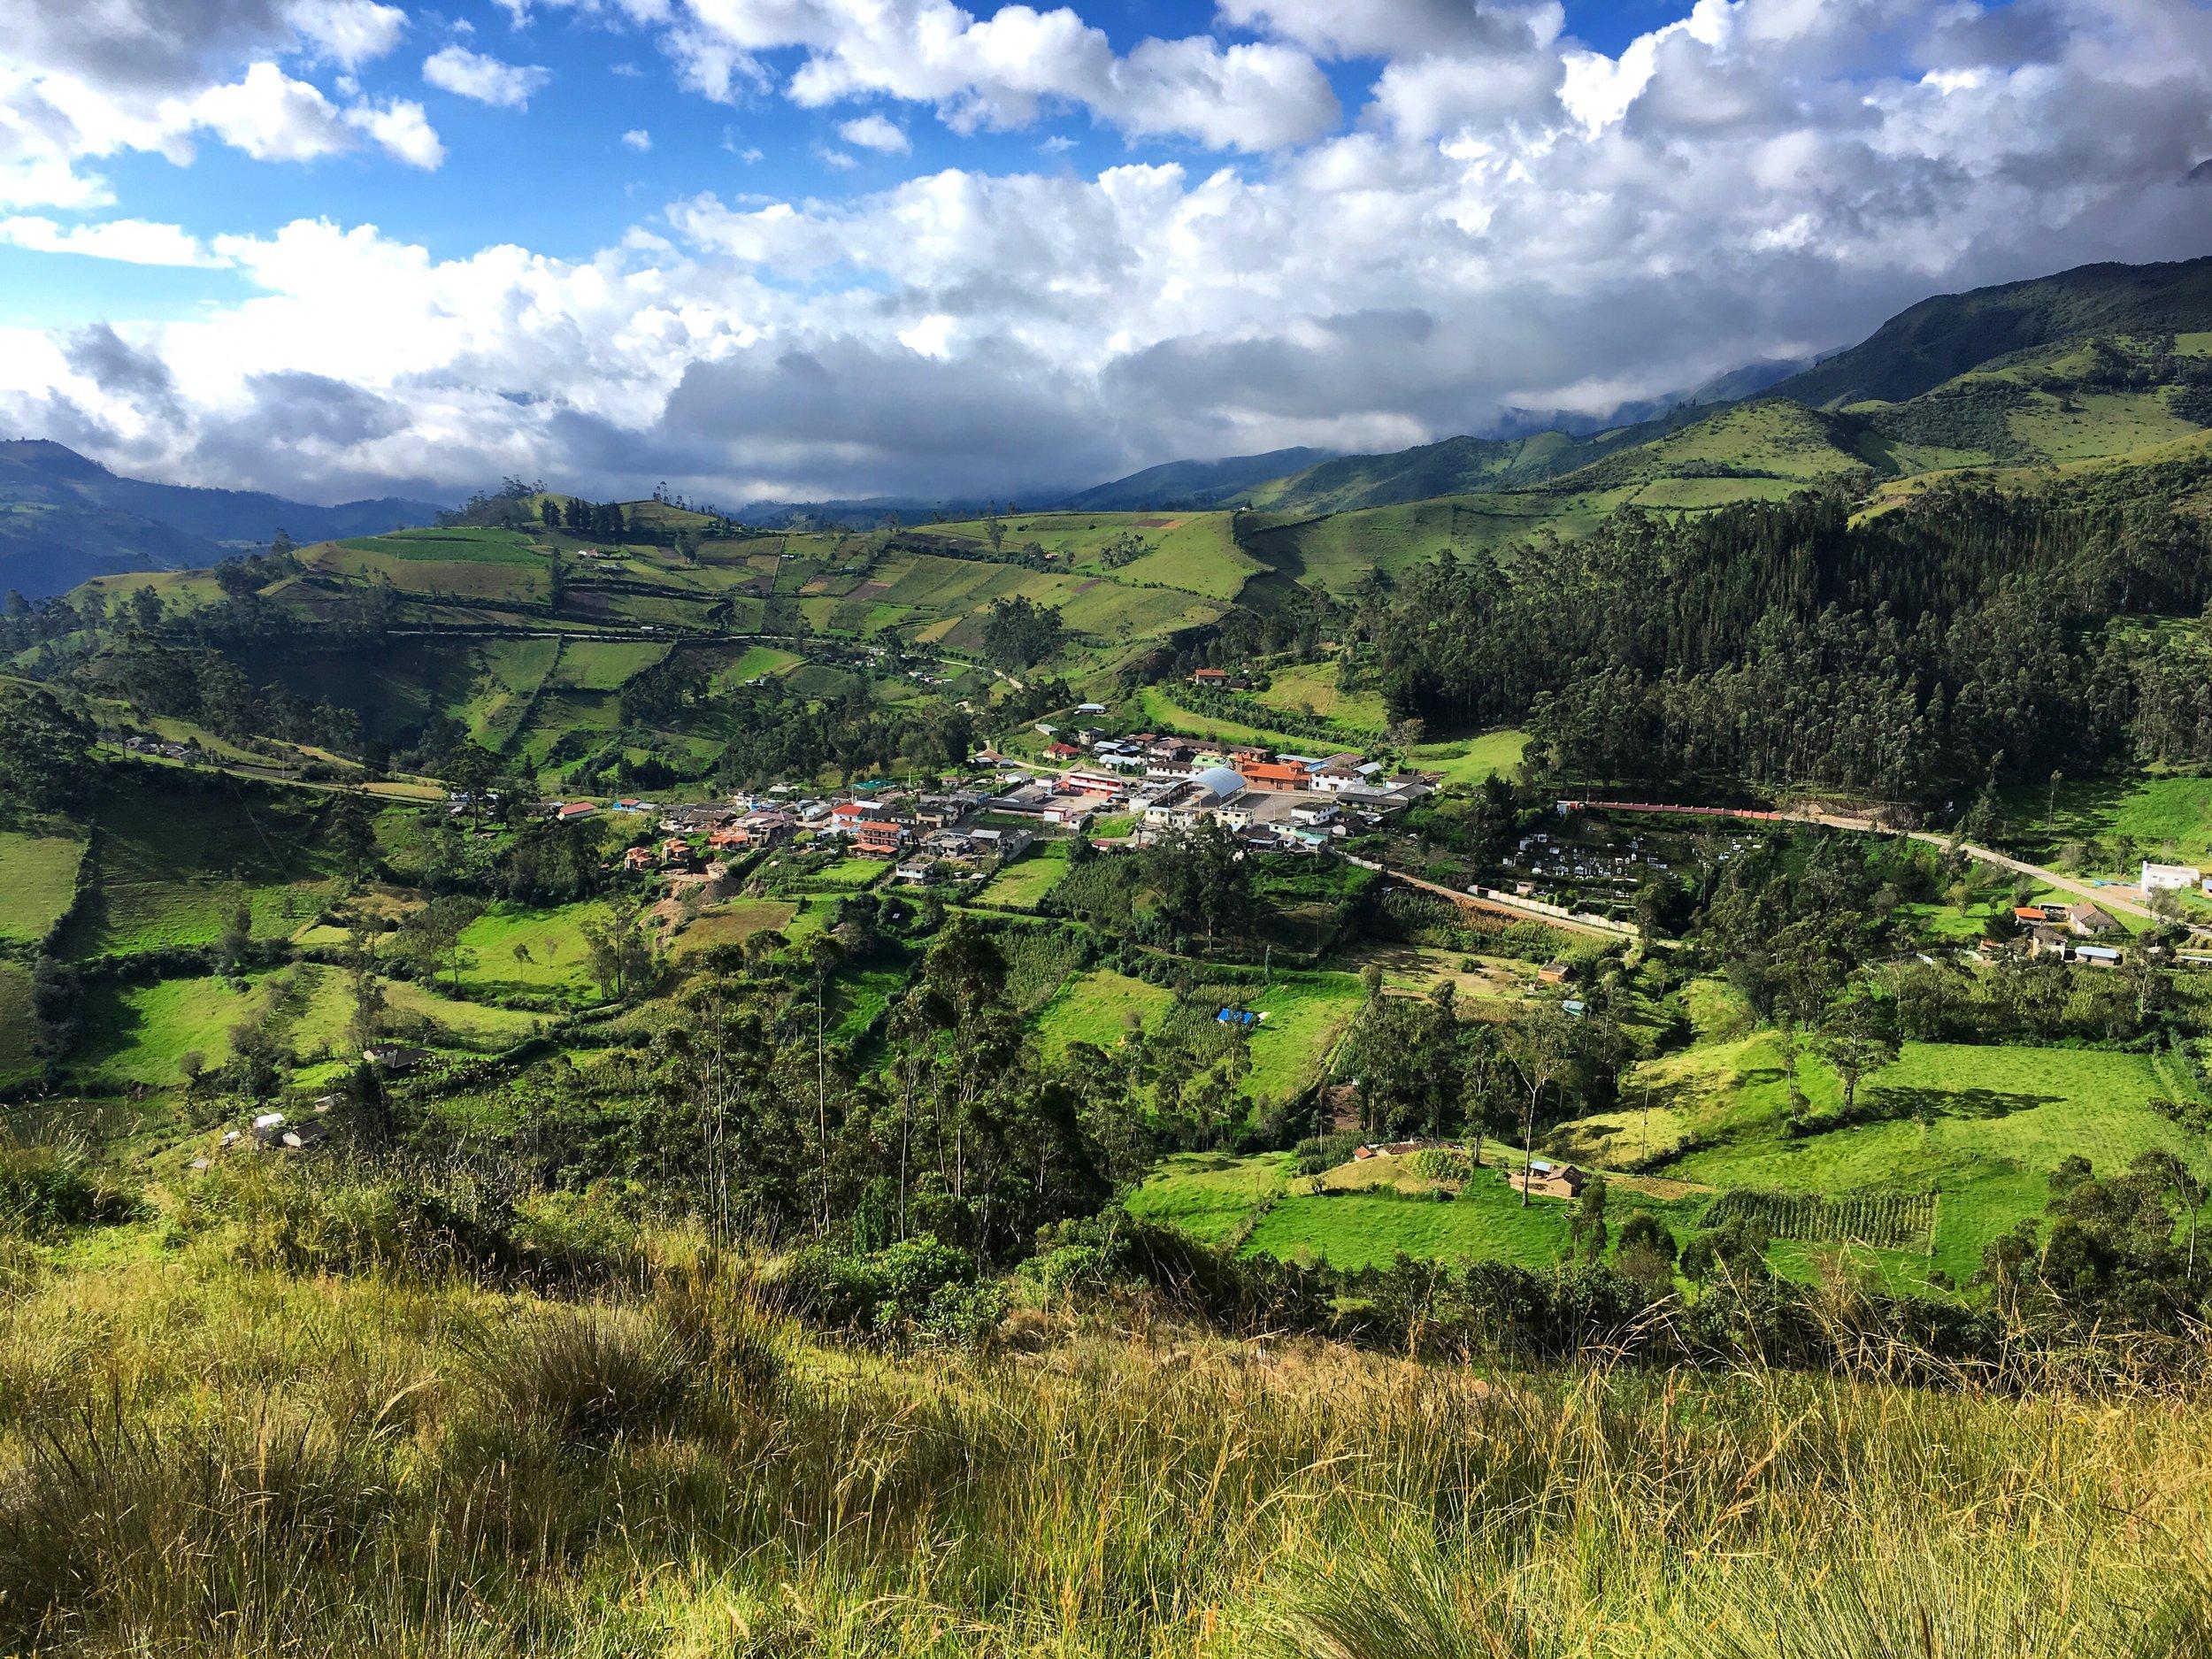 Isinlivi, Cotopaxi, Ecuador